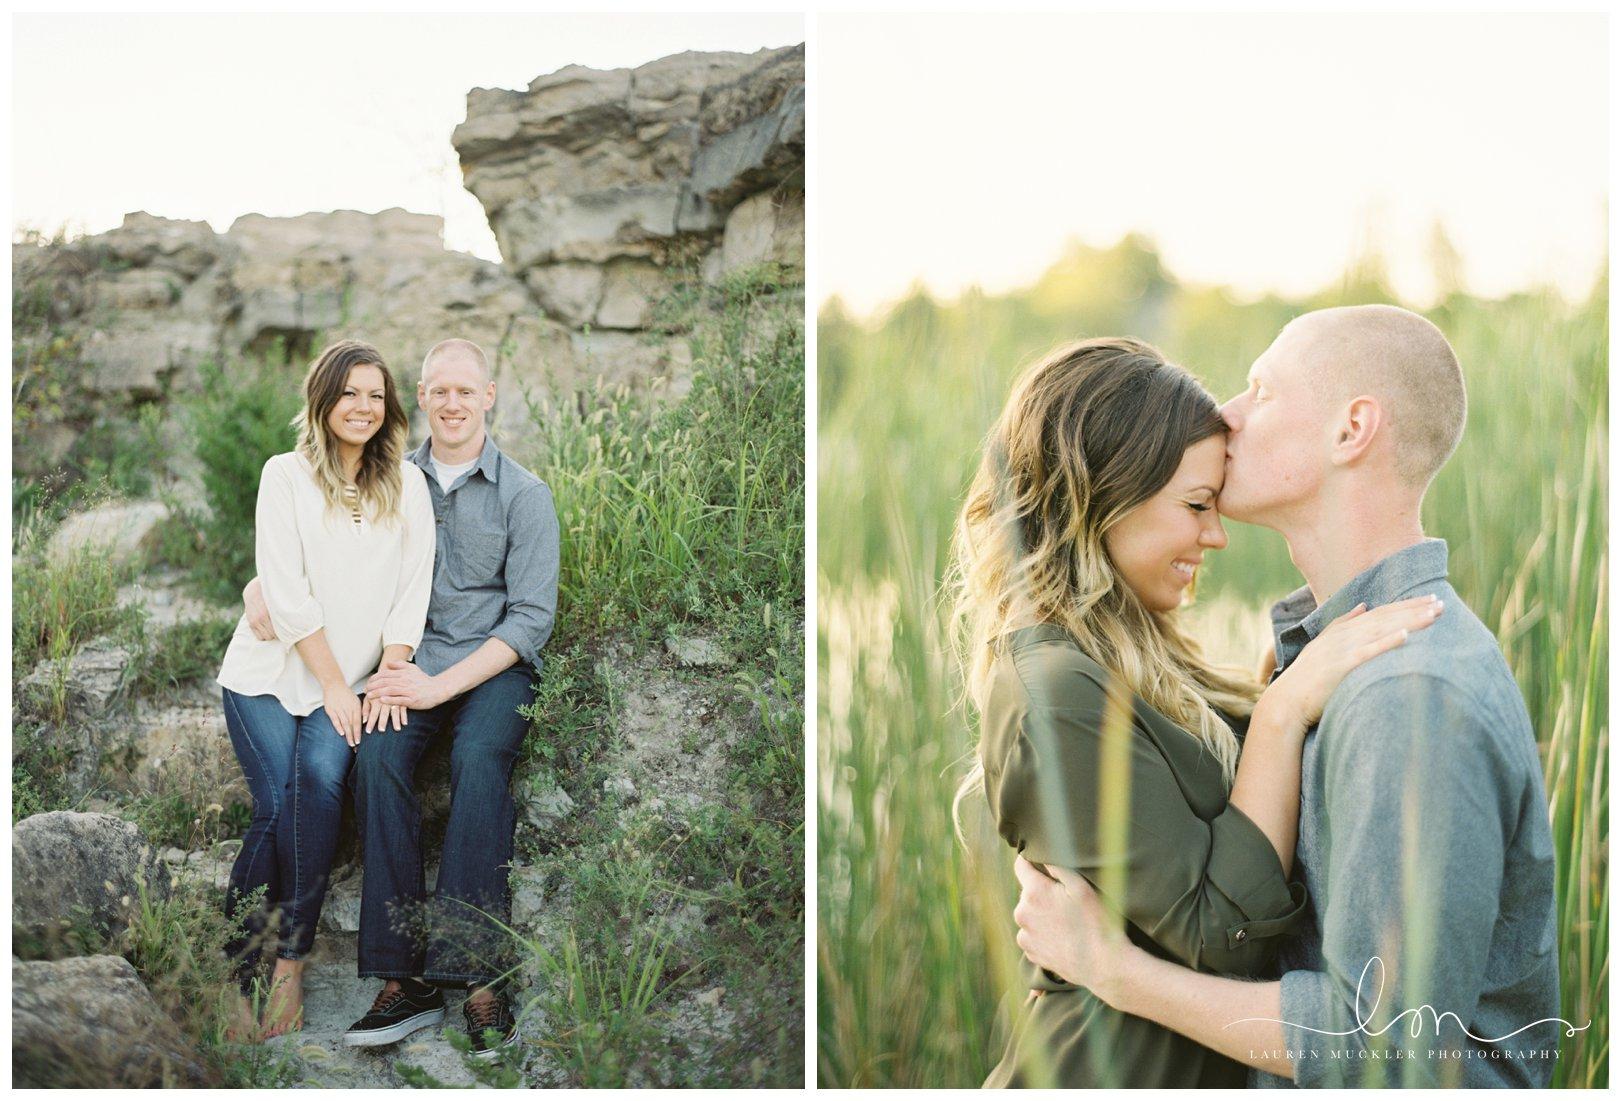 lauren muckler photography_fine art film wedding photography_st louis_photography_0723.jpg